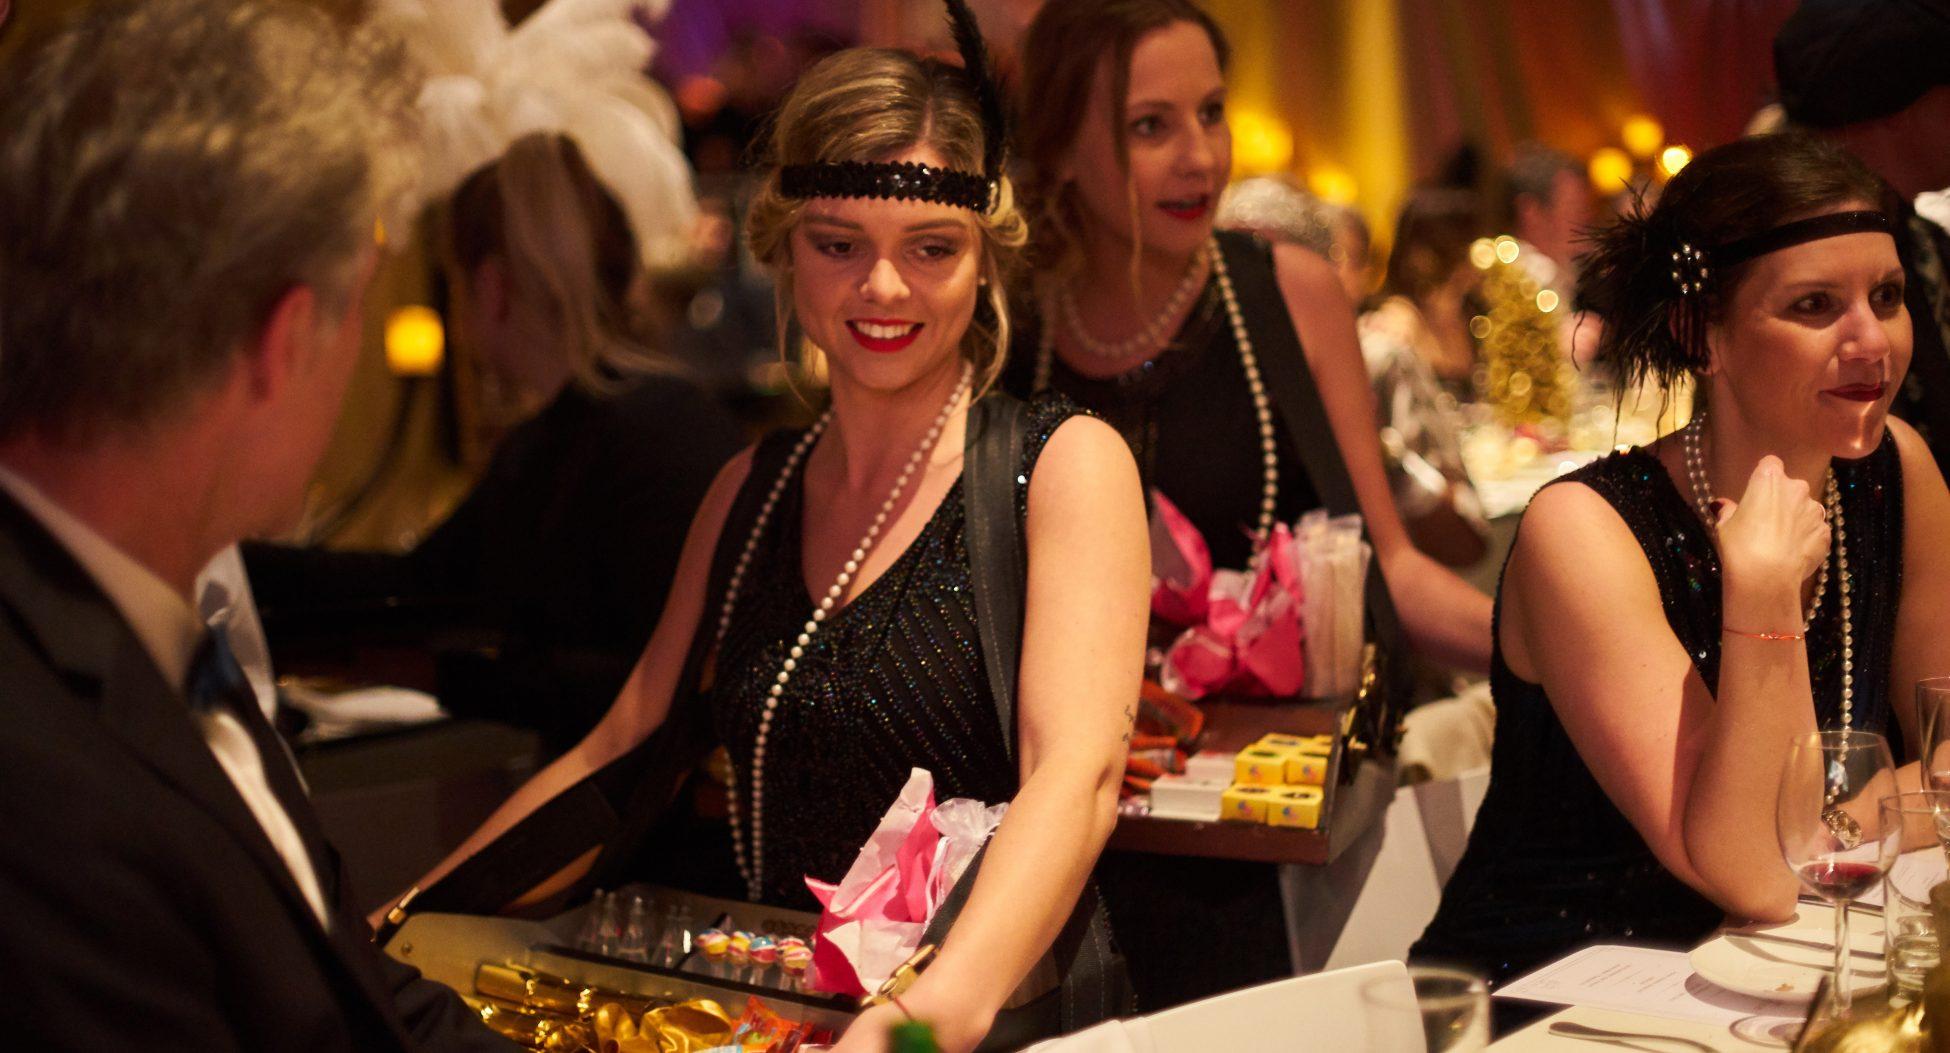 Candy-Girls der 20er Jahre - Bauchladen-Mädchen für Events